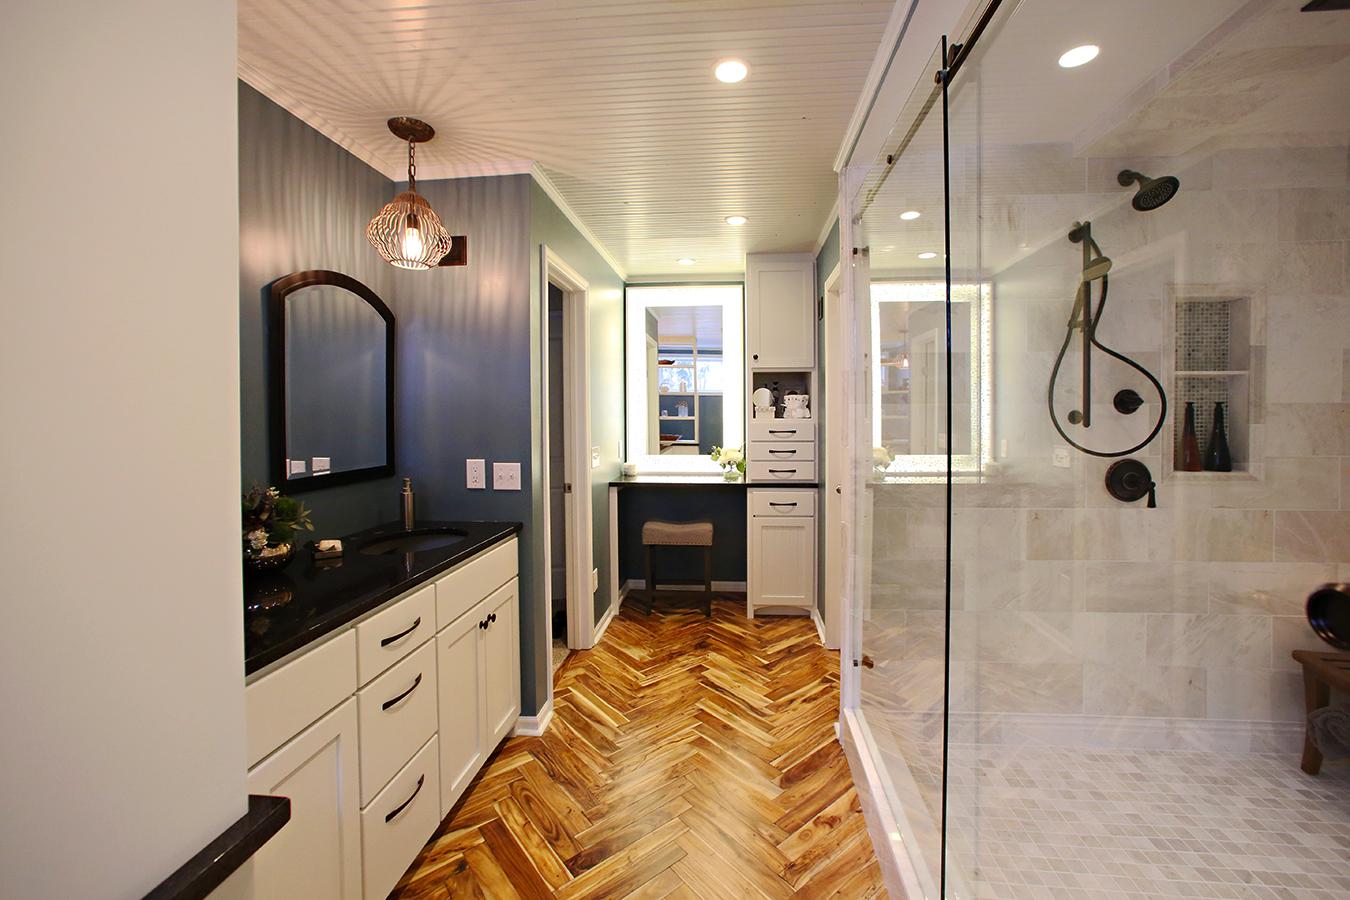 Coastal bathroom designs